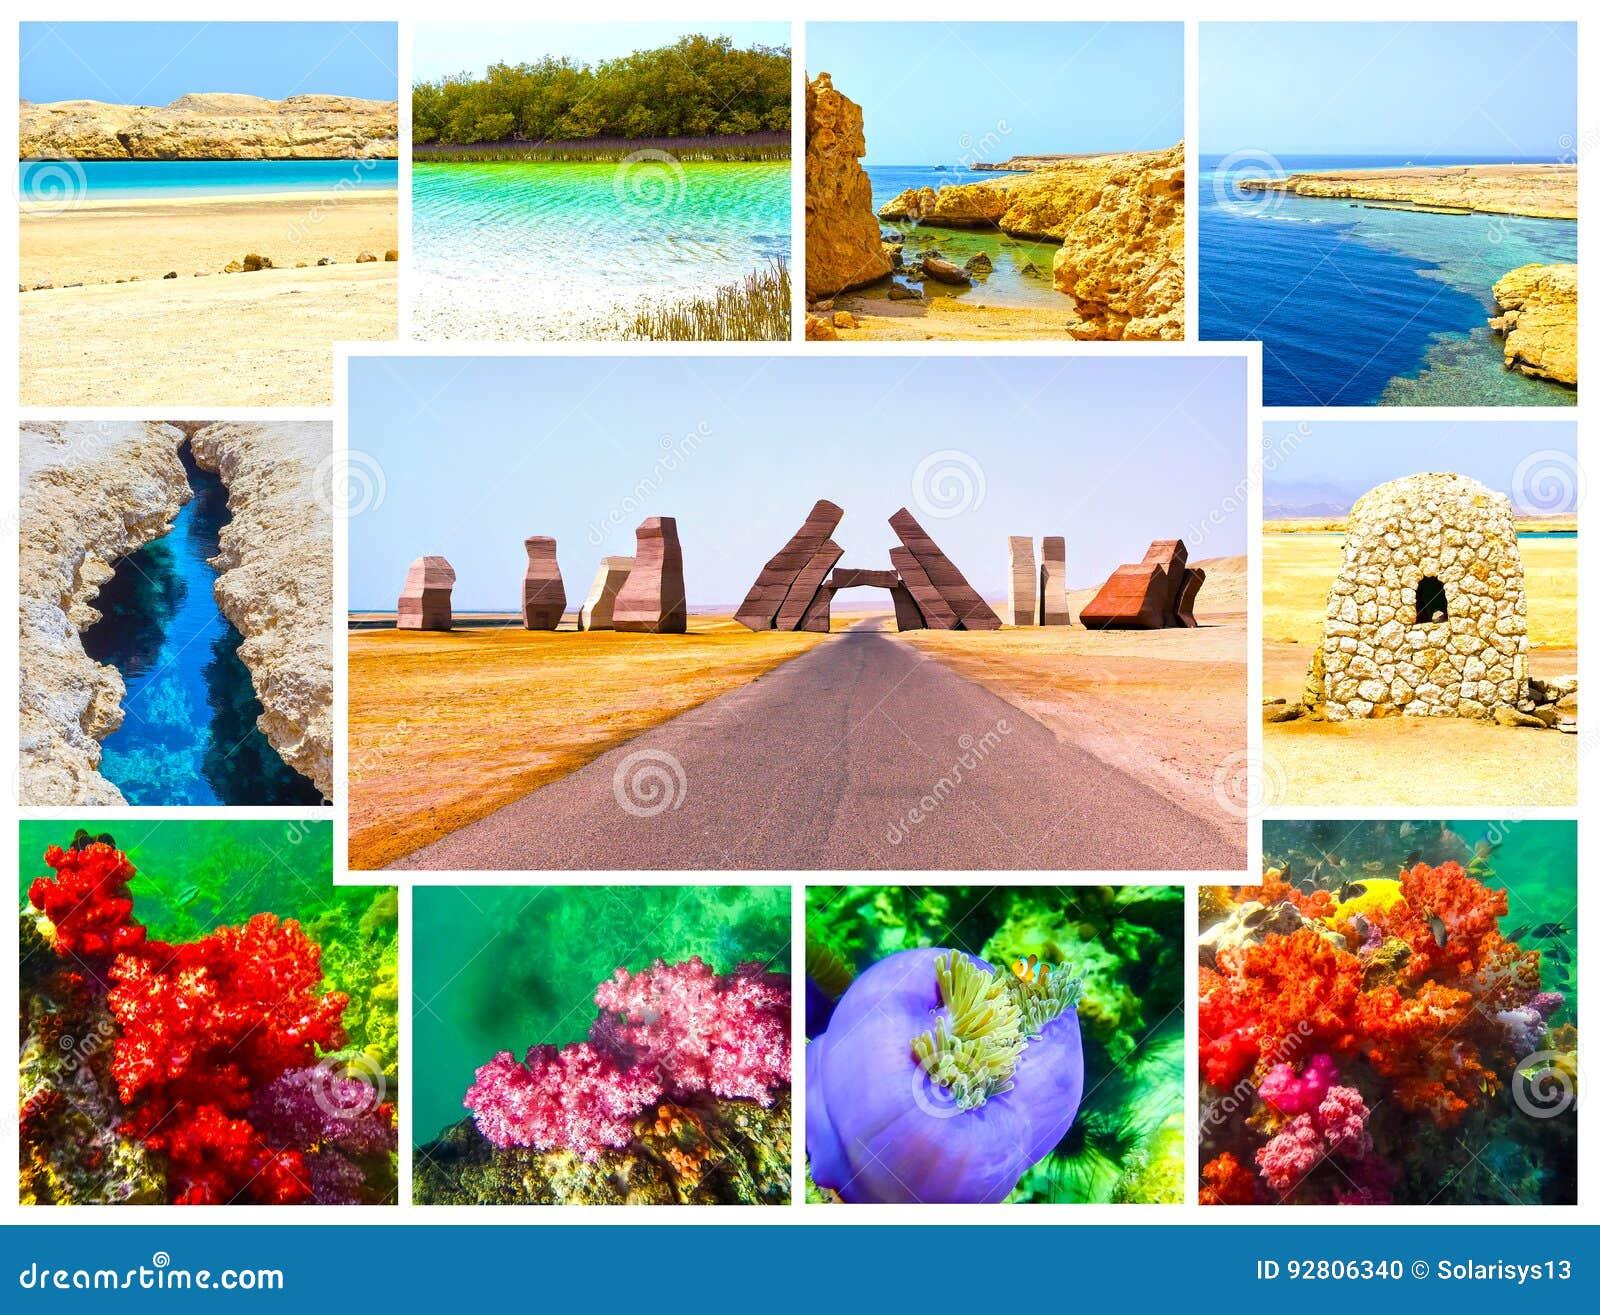 El collage de imágenes de Ras Muhammad National Park, Egipto